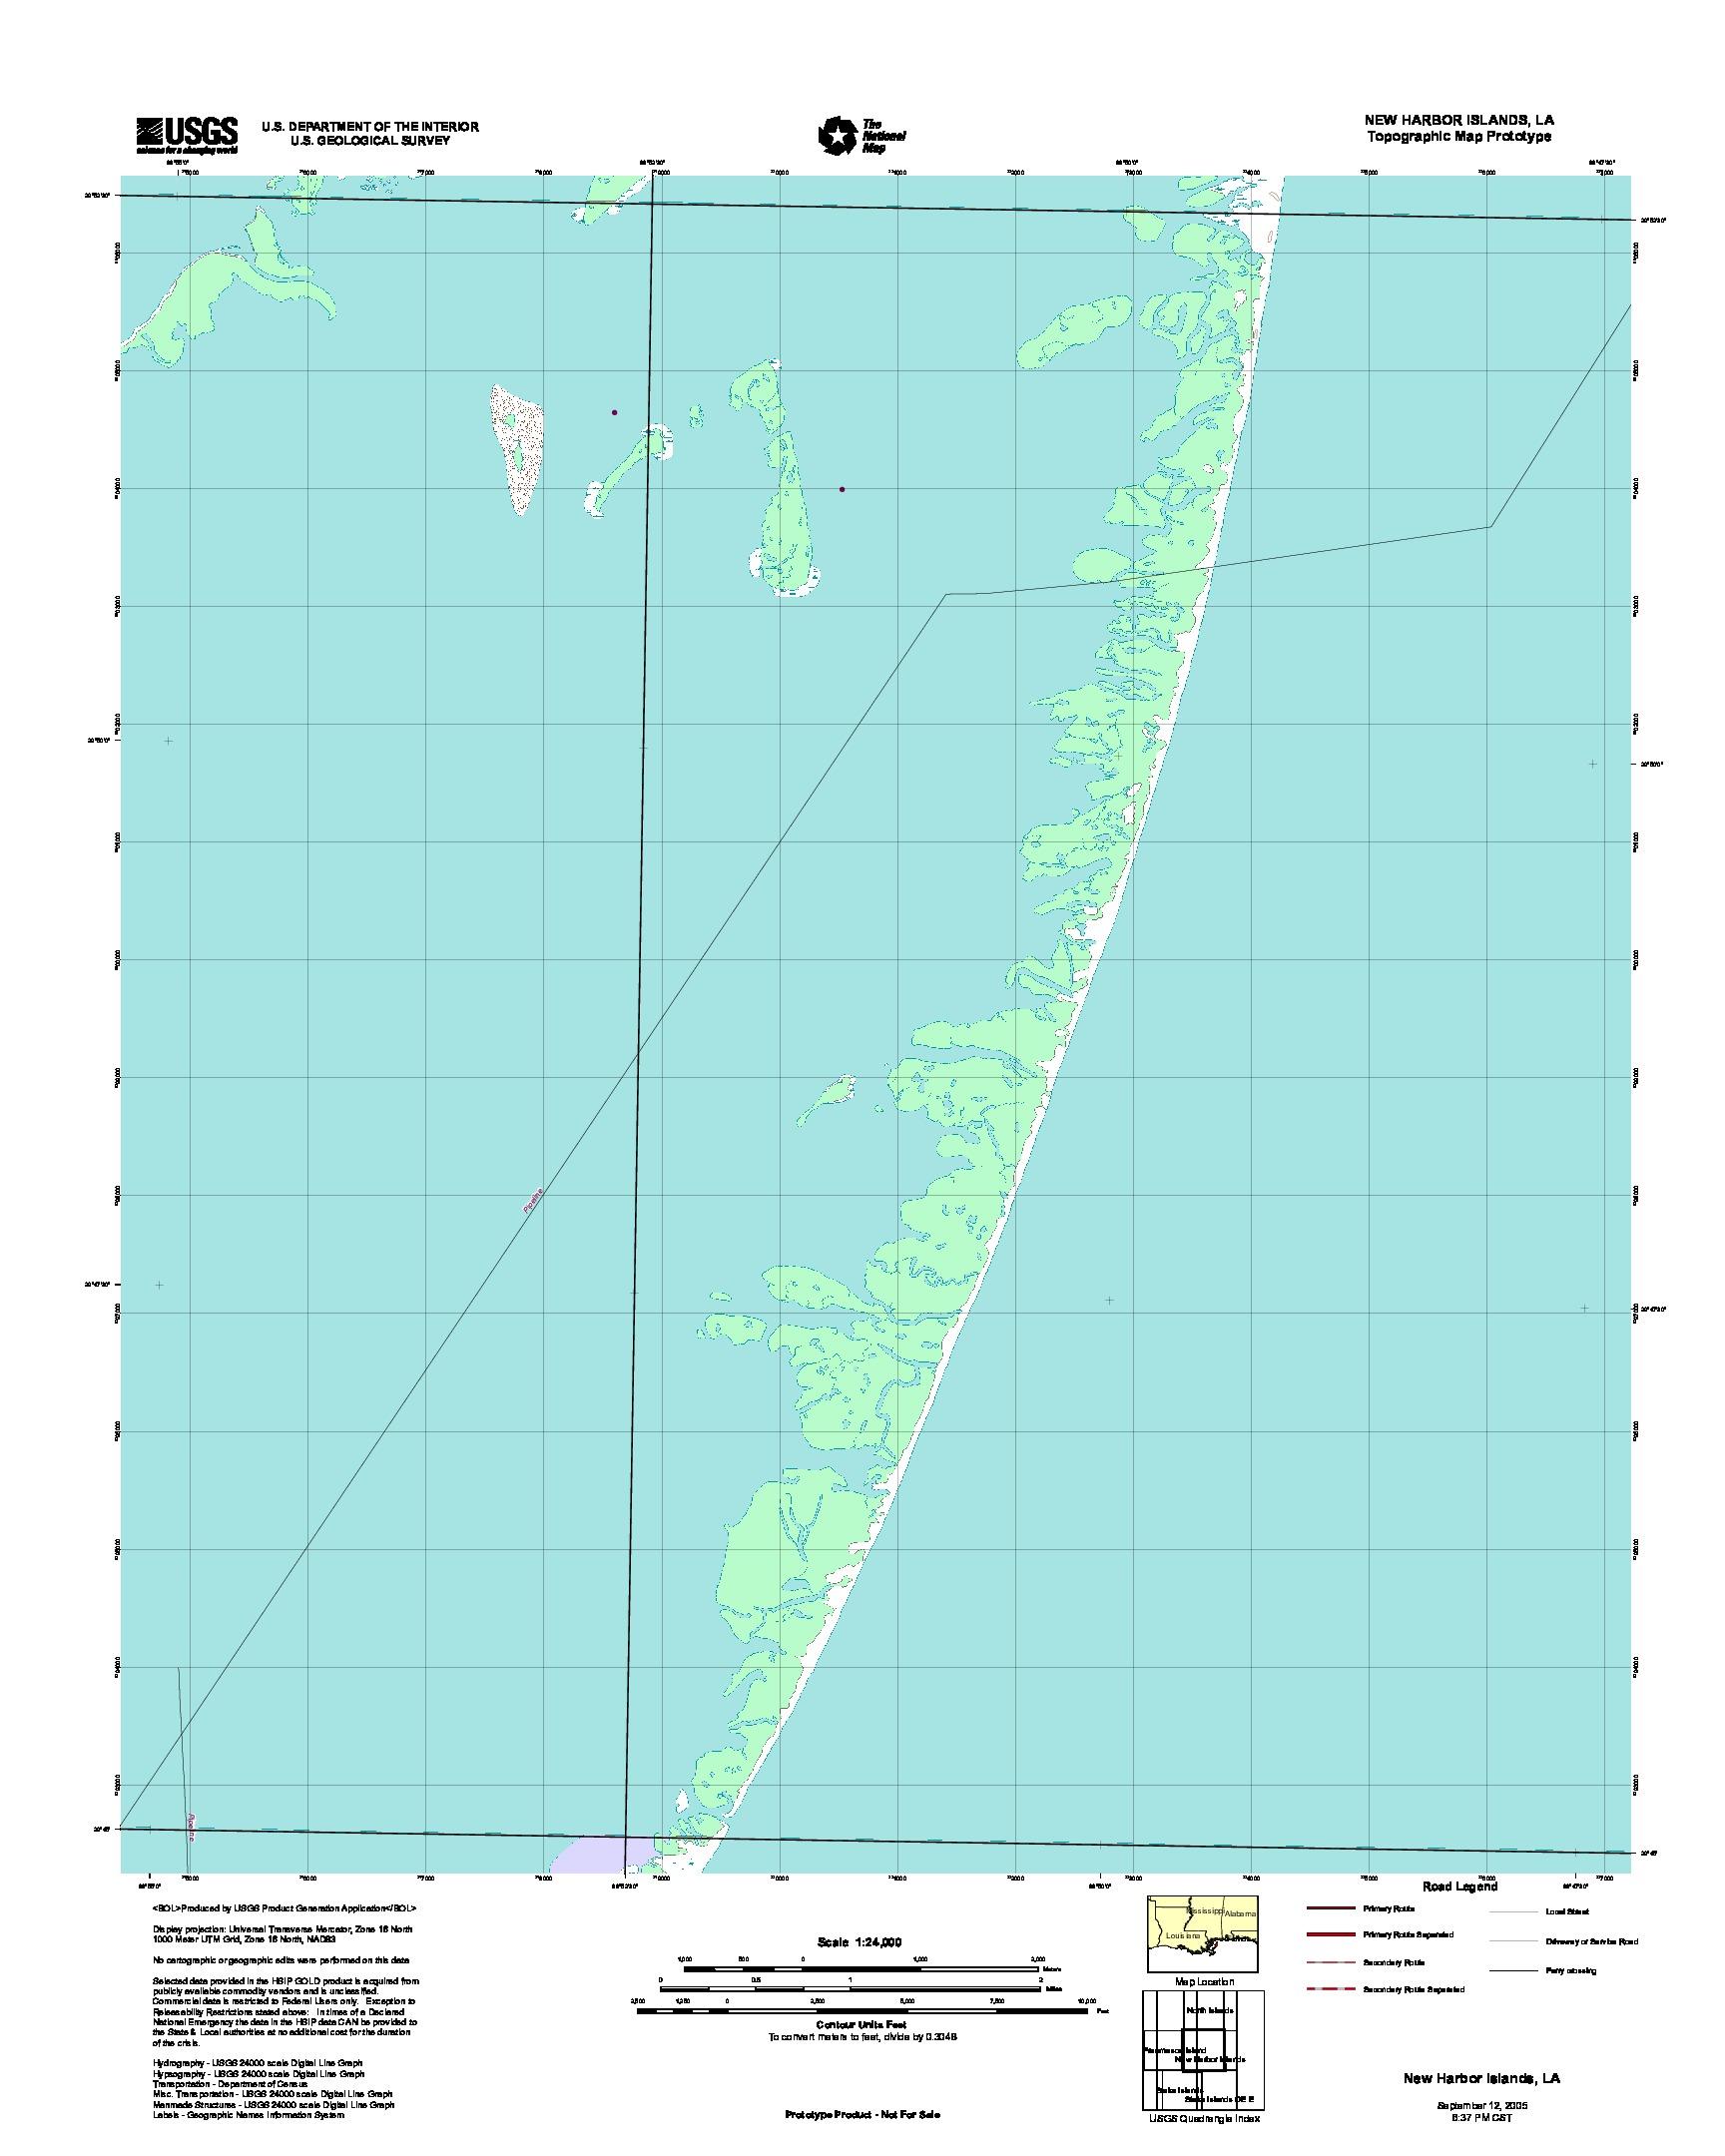 Prototipo de Mapa Topográfico de New Puerto Islands, Luisiana, Estados Unidos, Septiembre 12, 2005